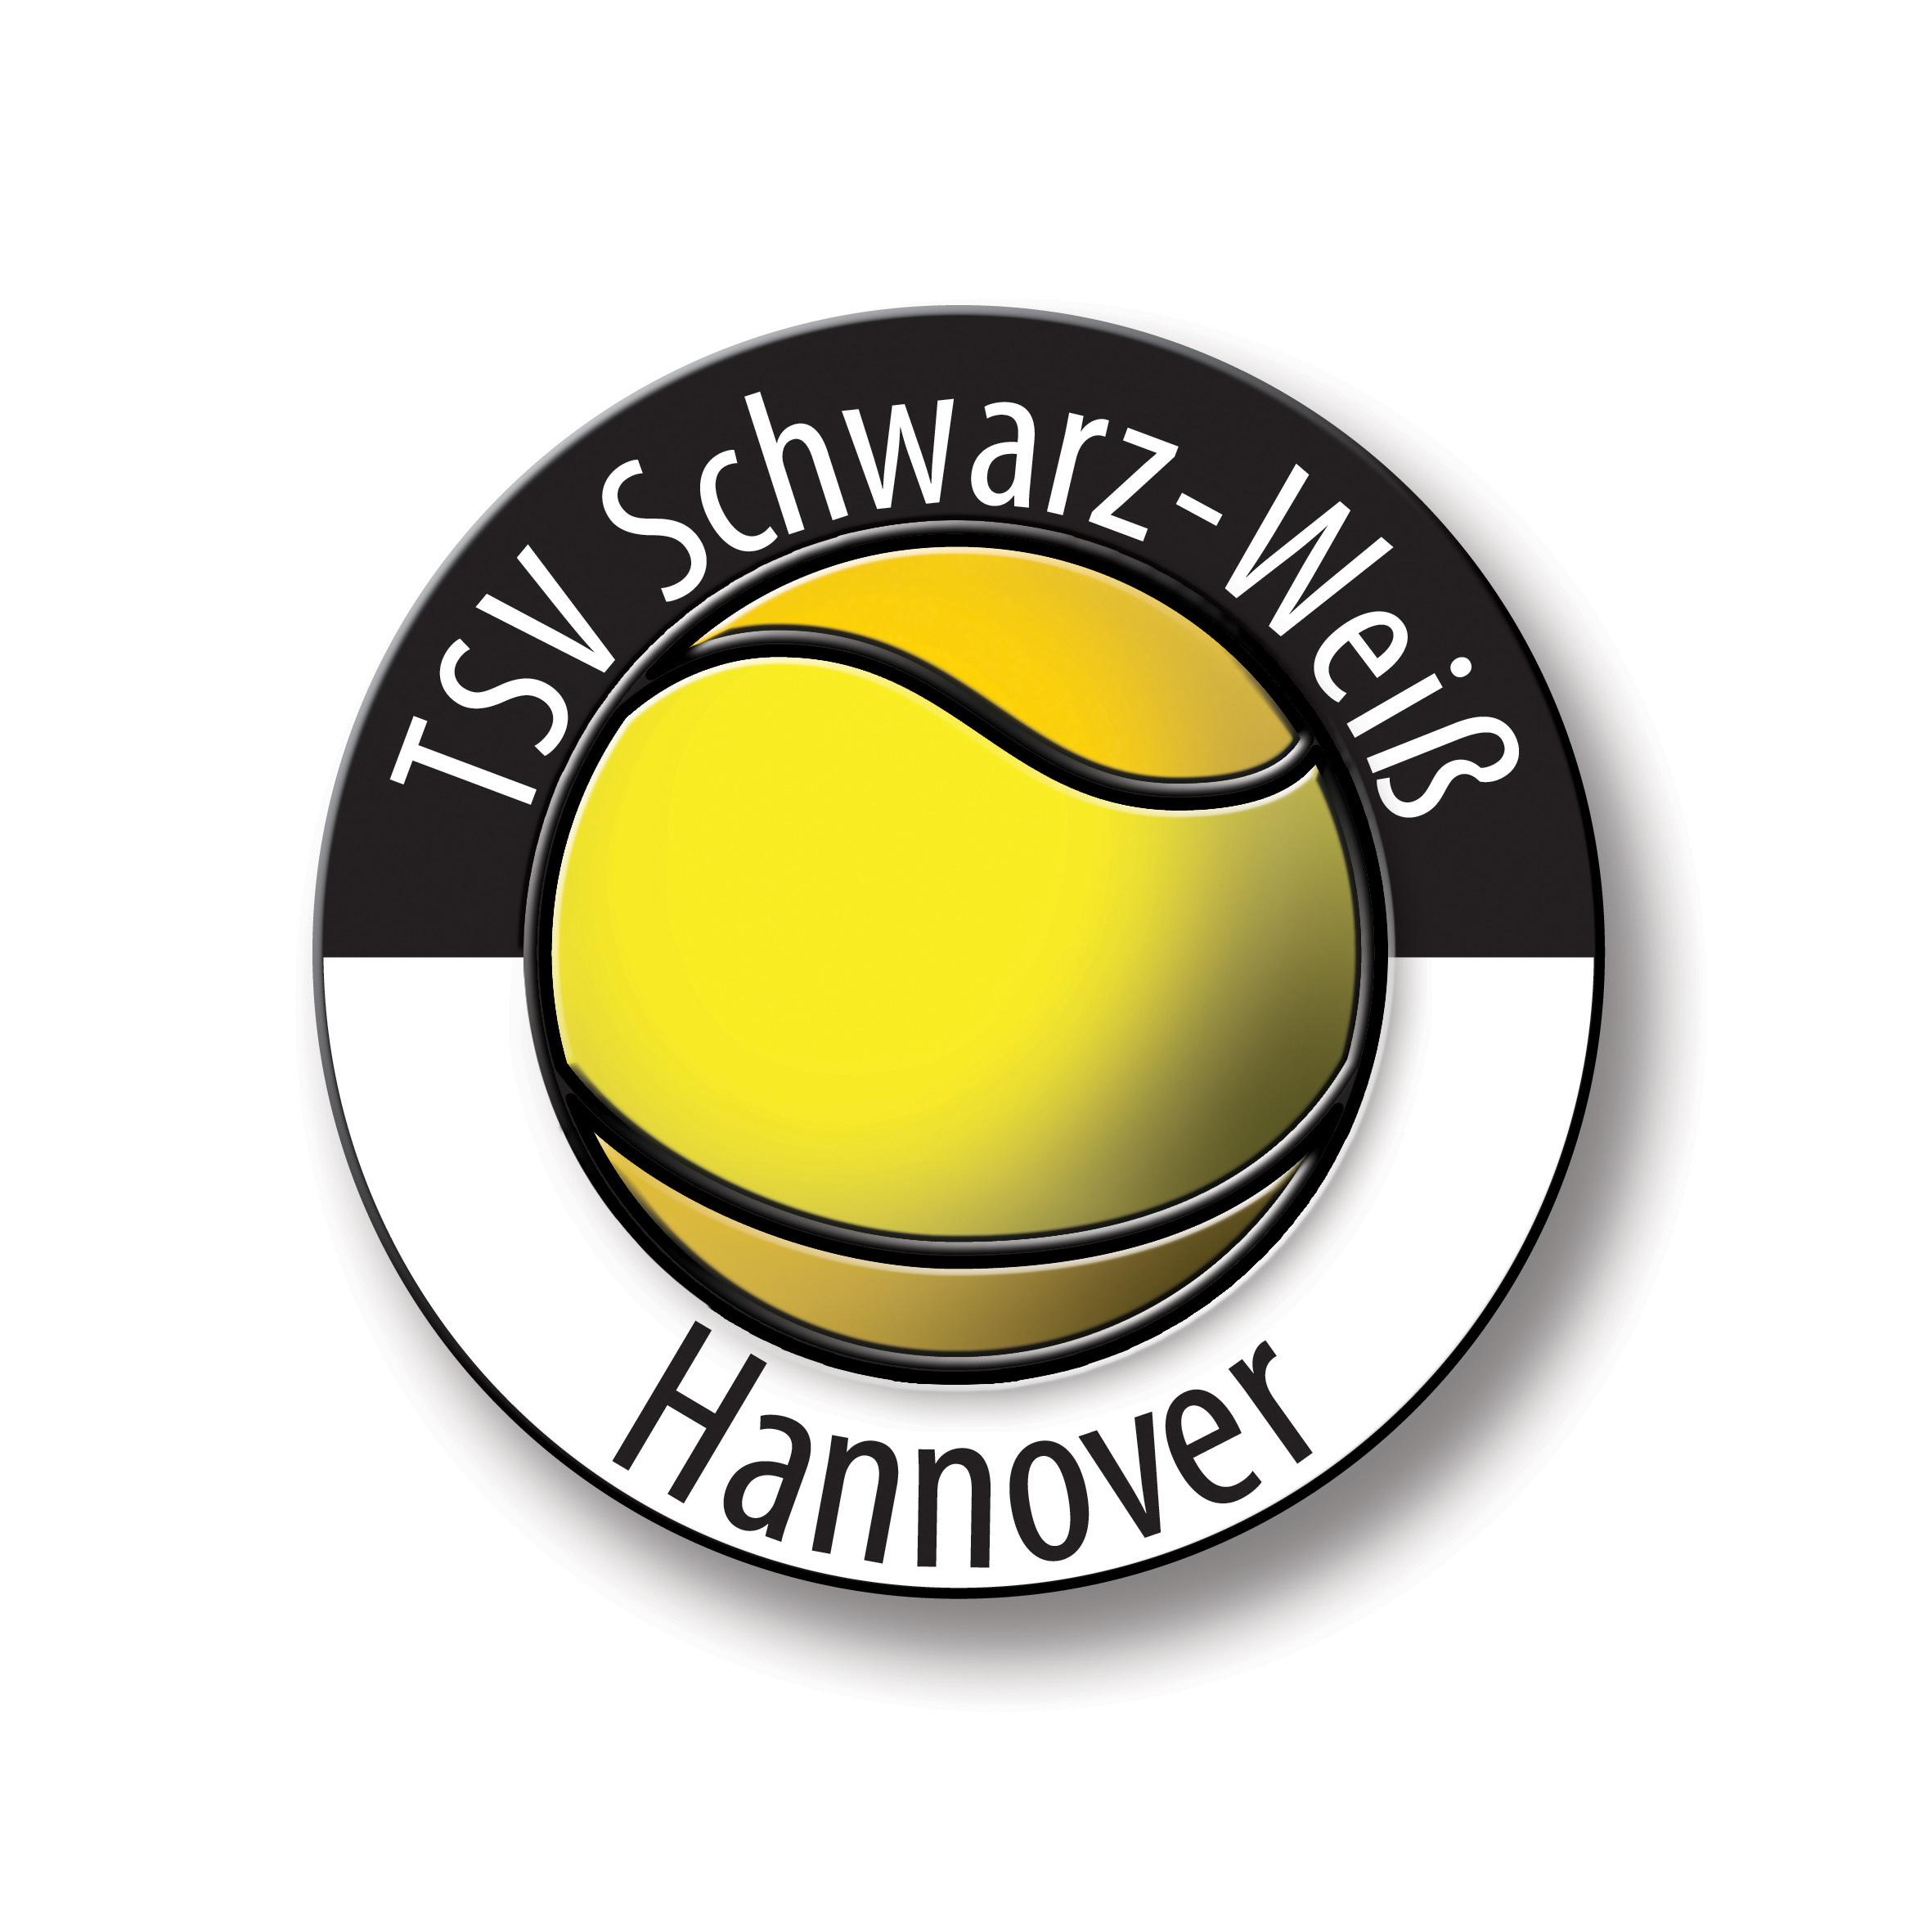 Schwarz Weiß Hannover